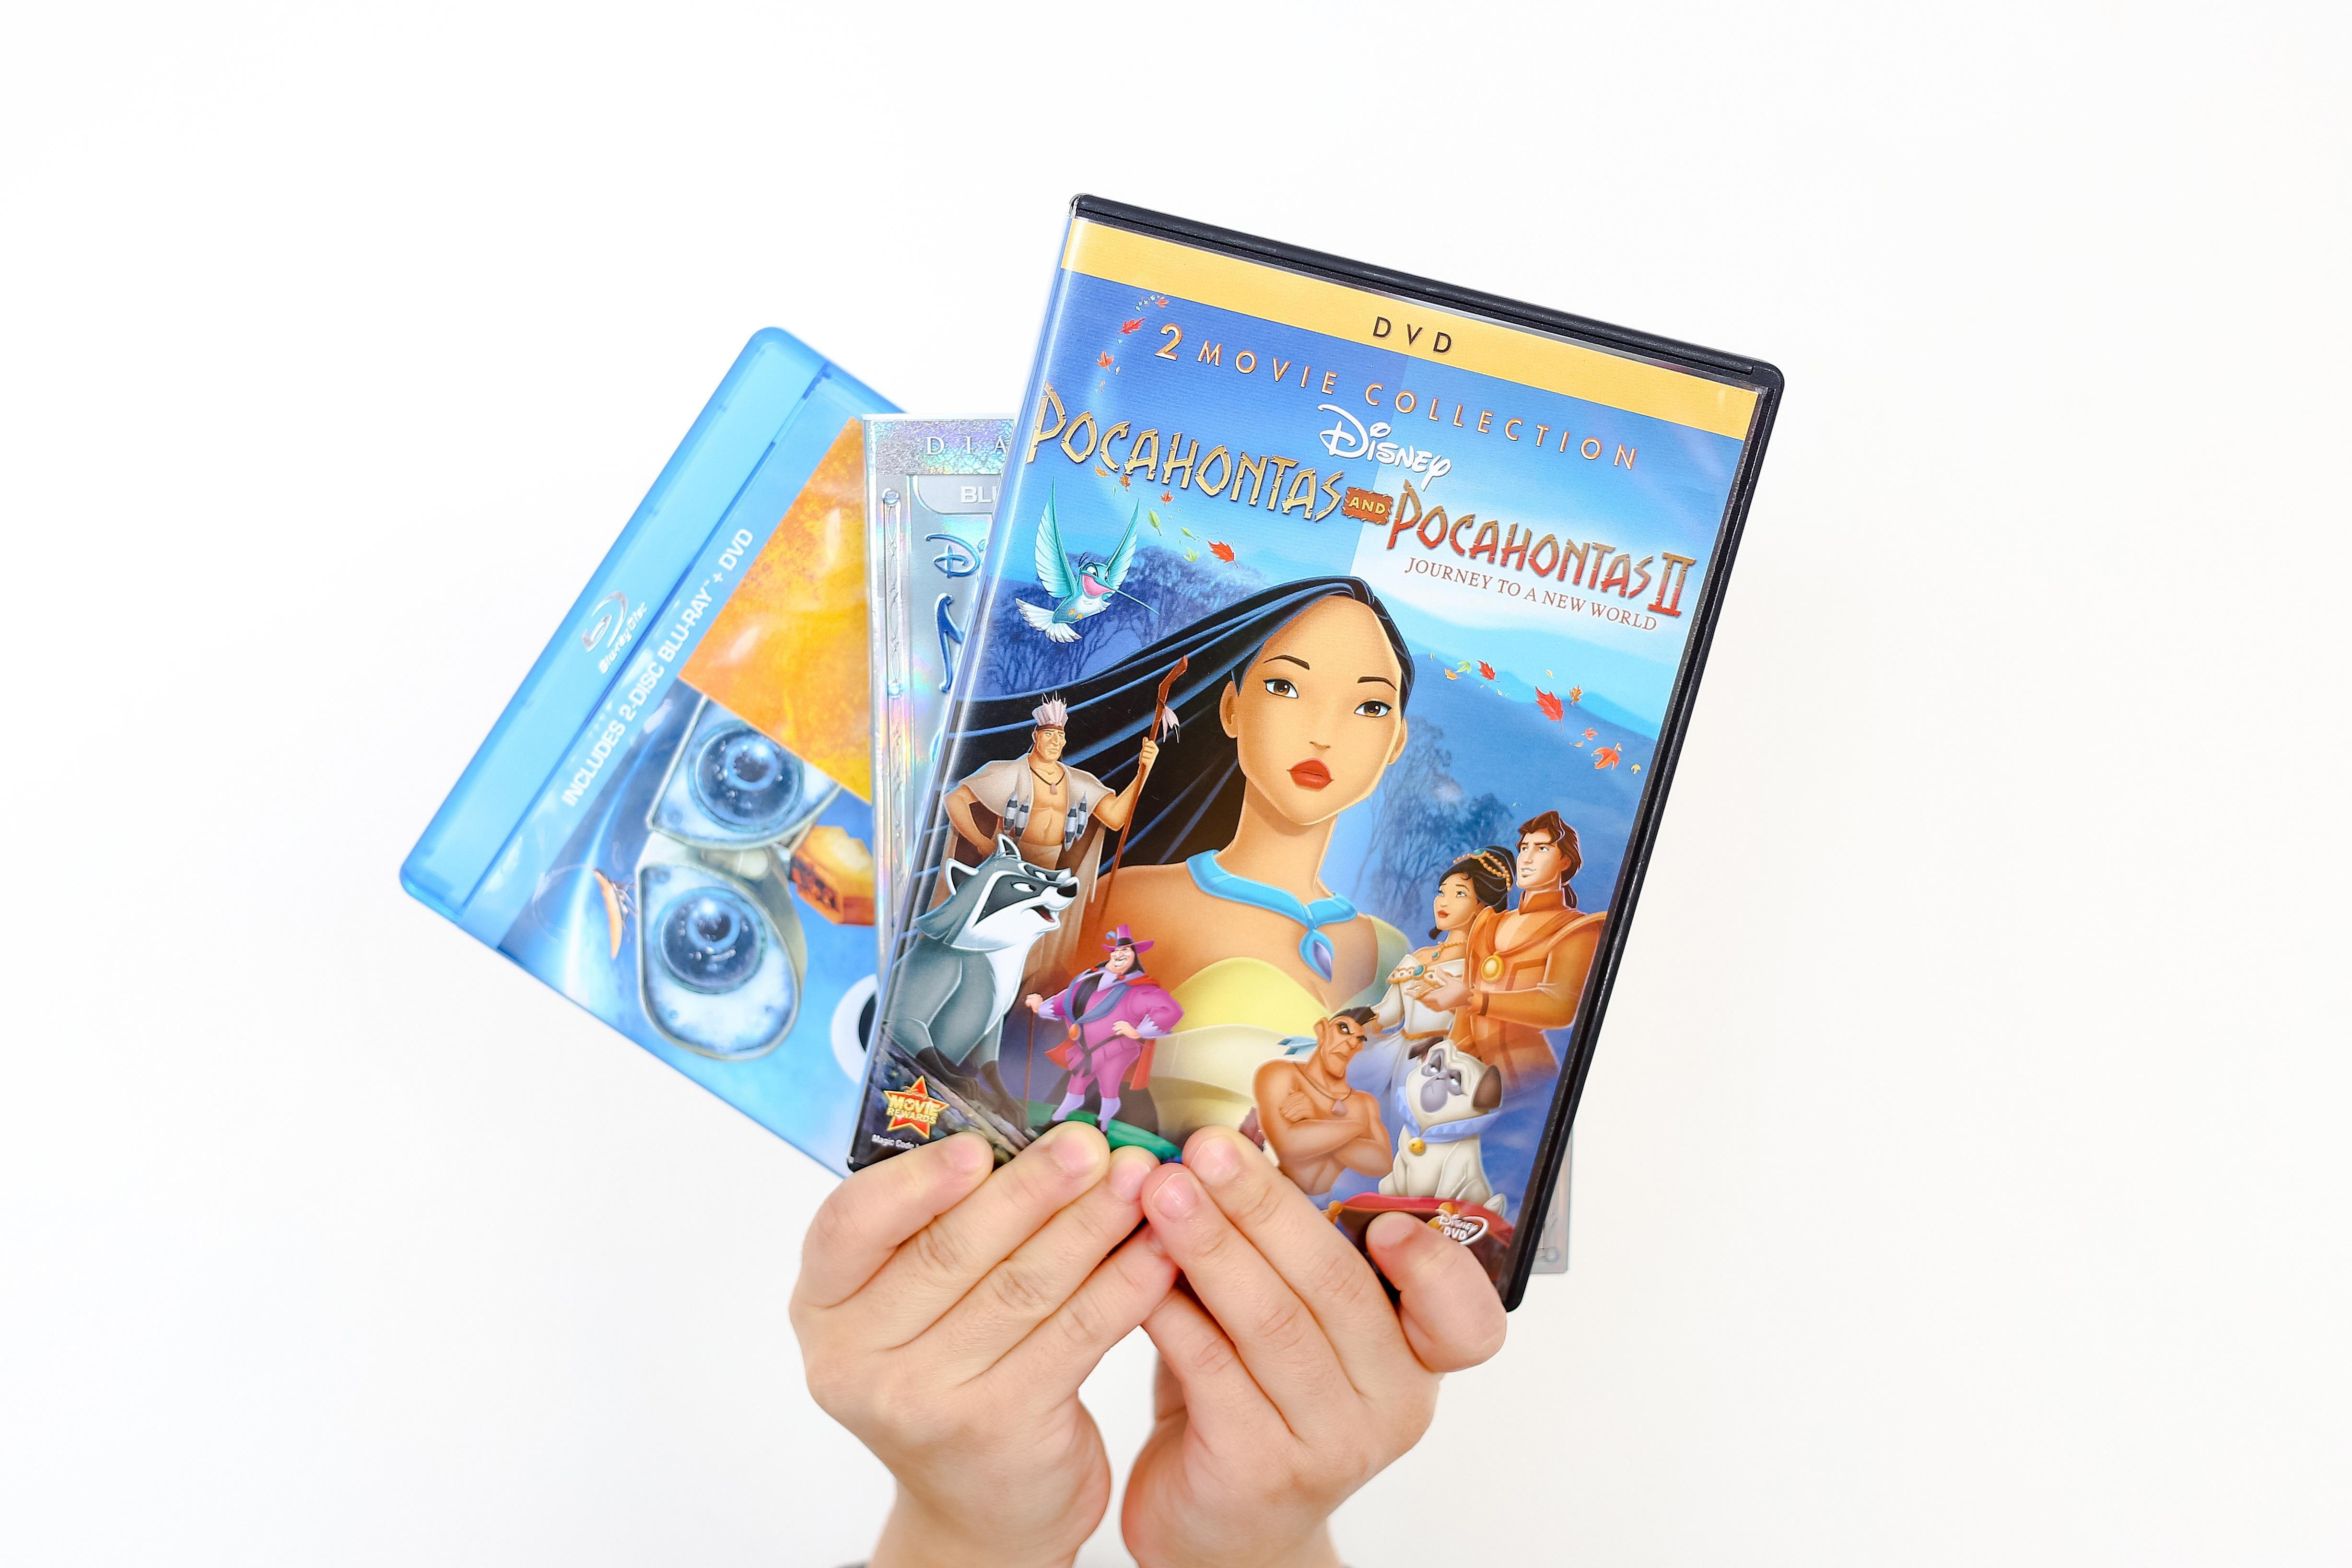 Las películas que mi hija eligió para un fin de semana de película